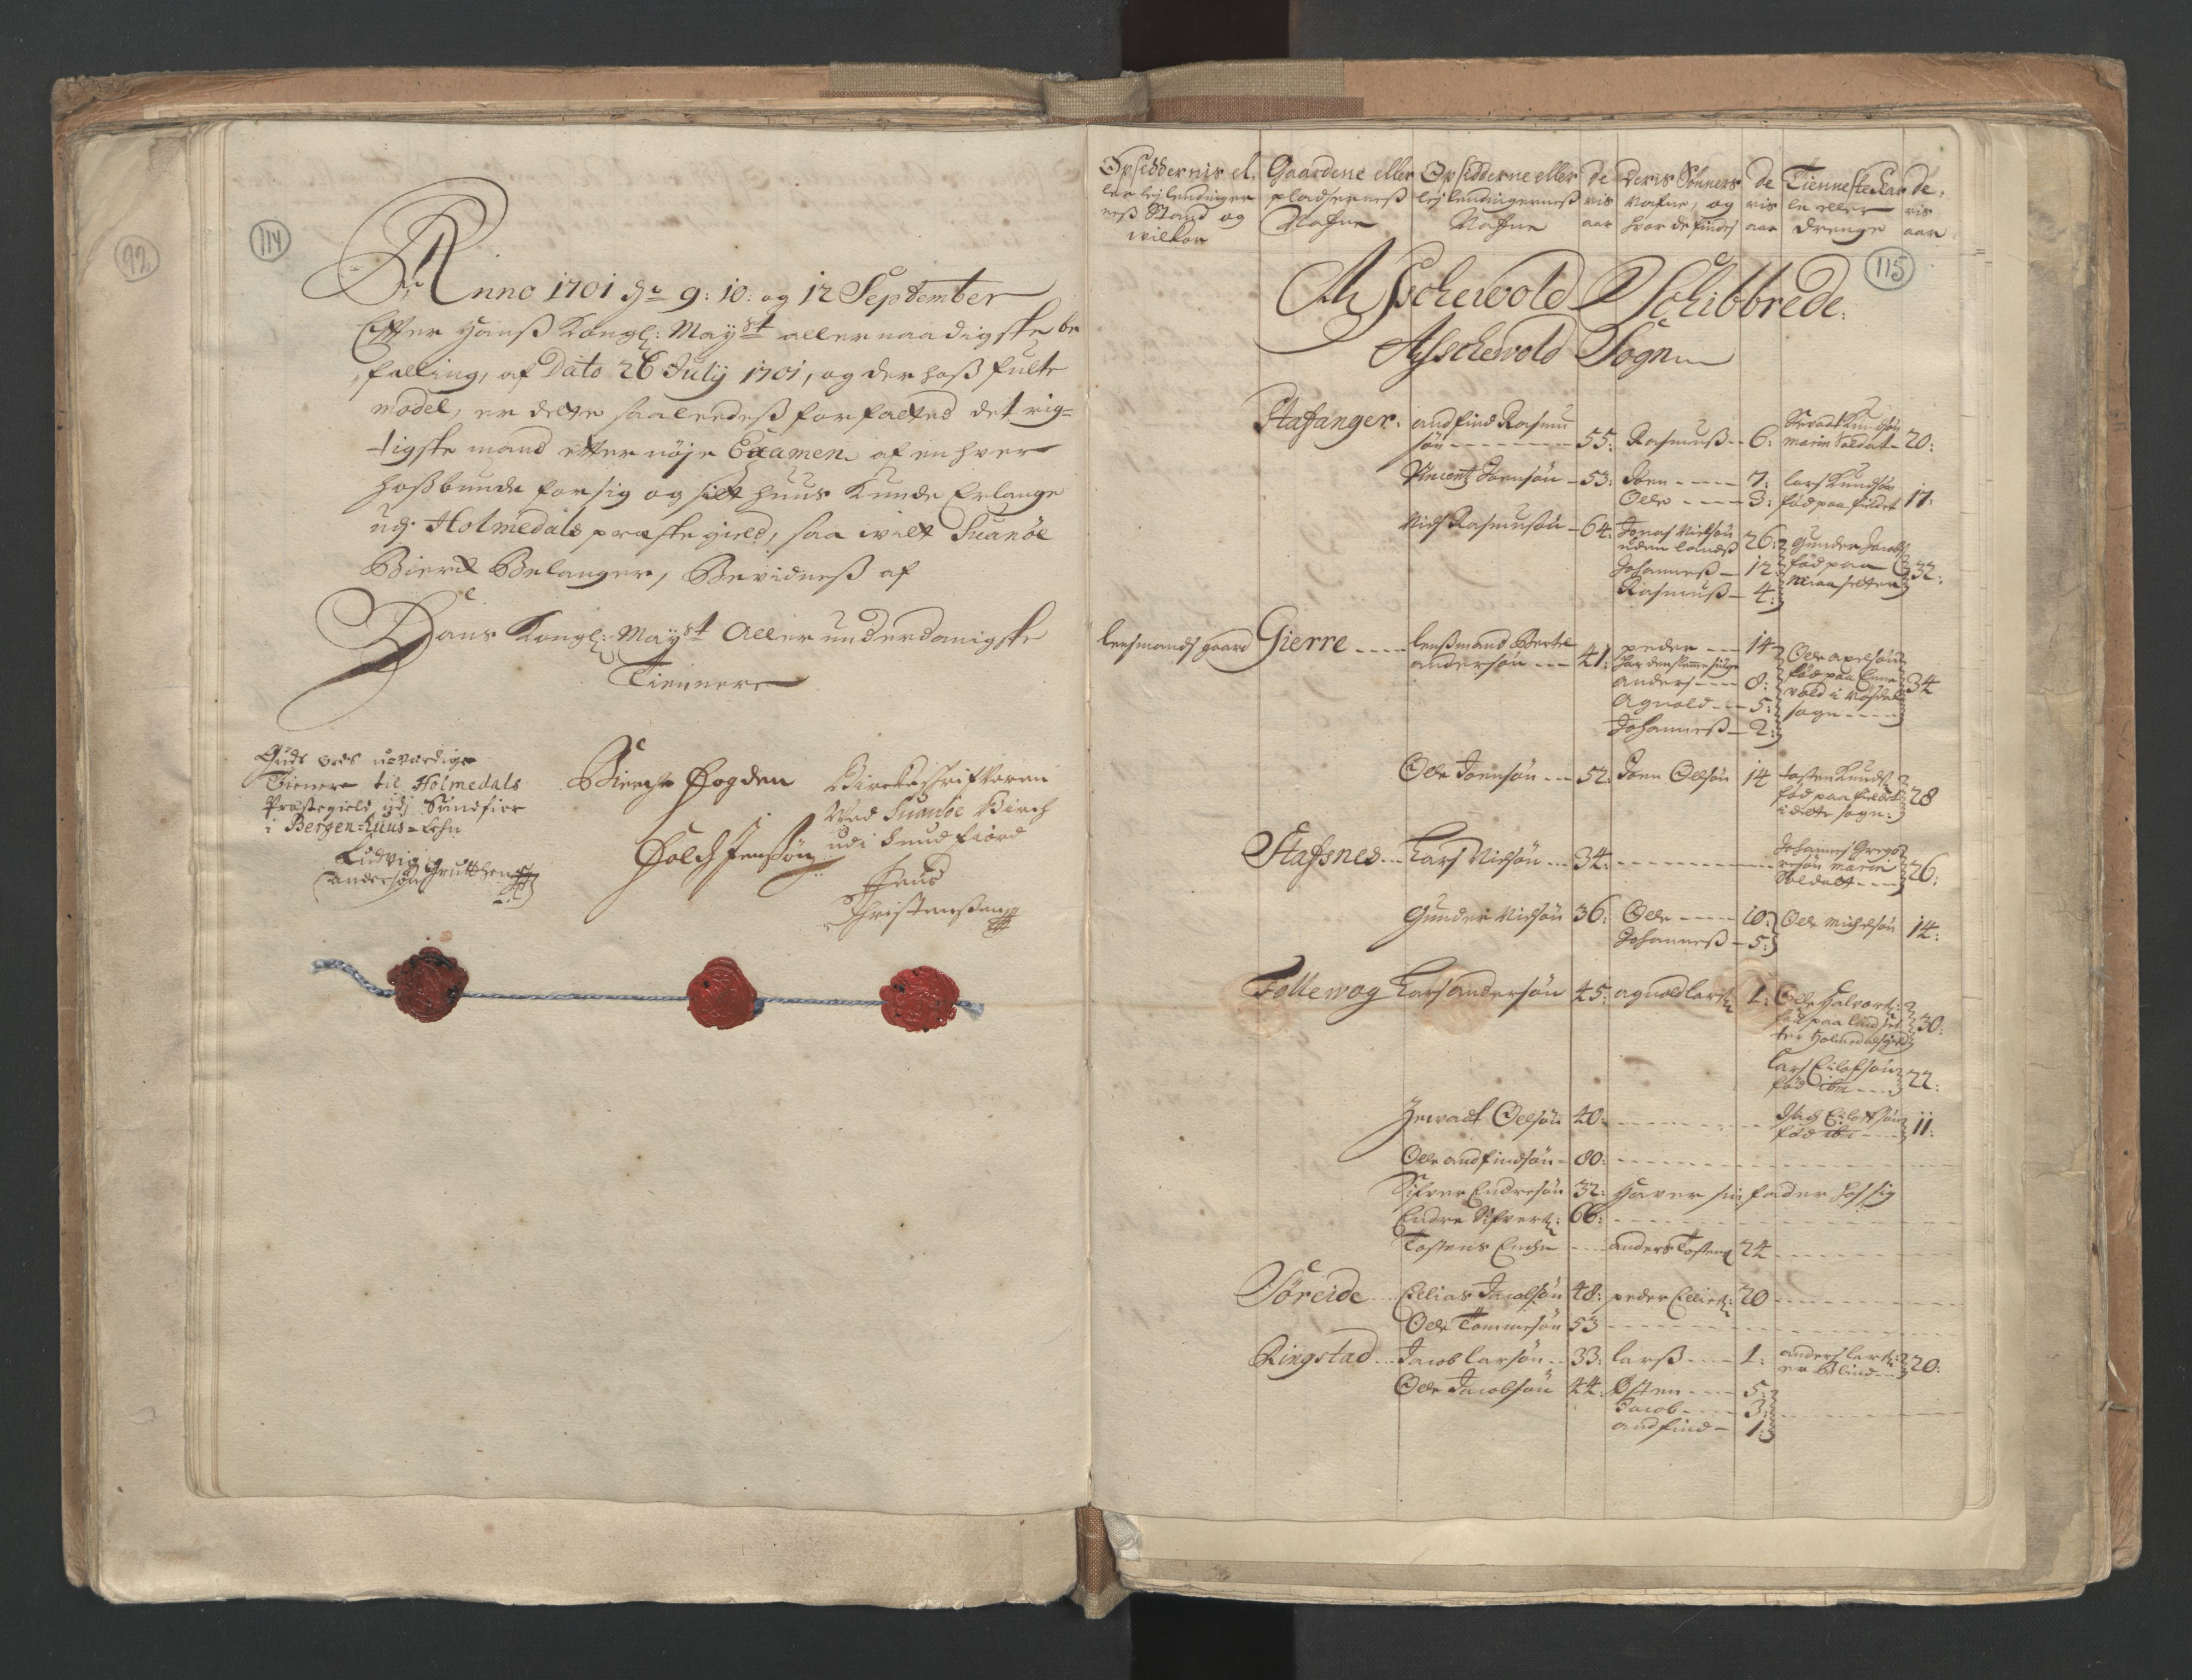 RA, Manntallet 1701, nr. 9: Sunnfjord fogderi, Nordfjord fogderi og Svanø birk, 1701, s. 114-115